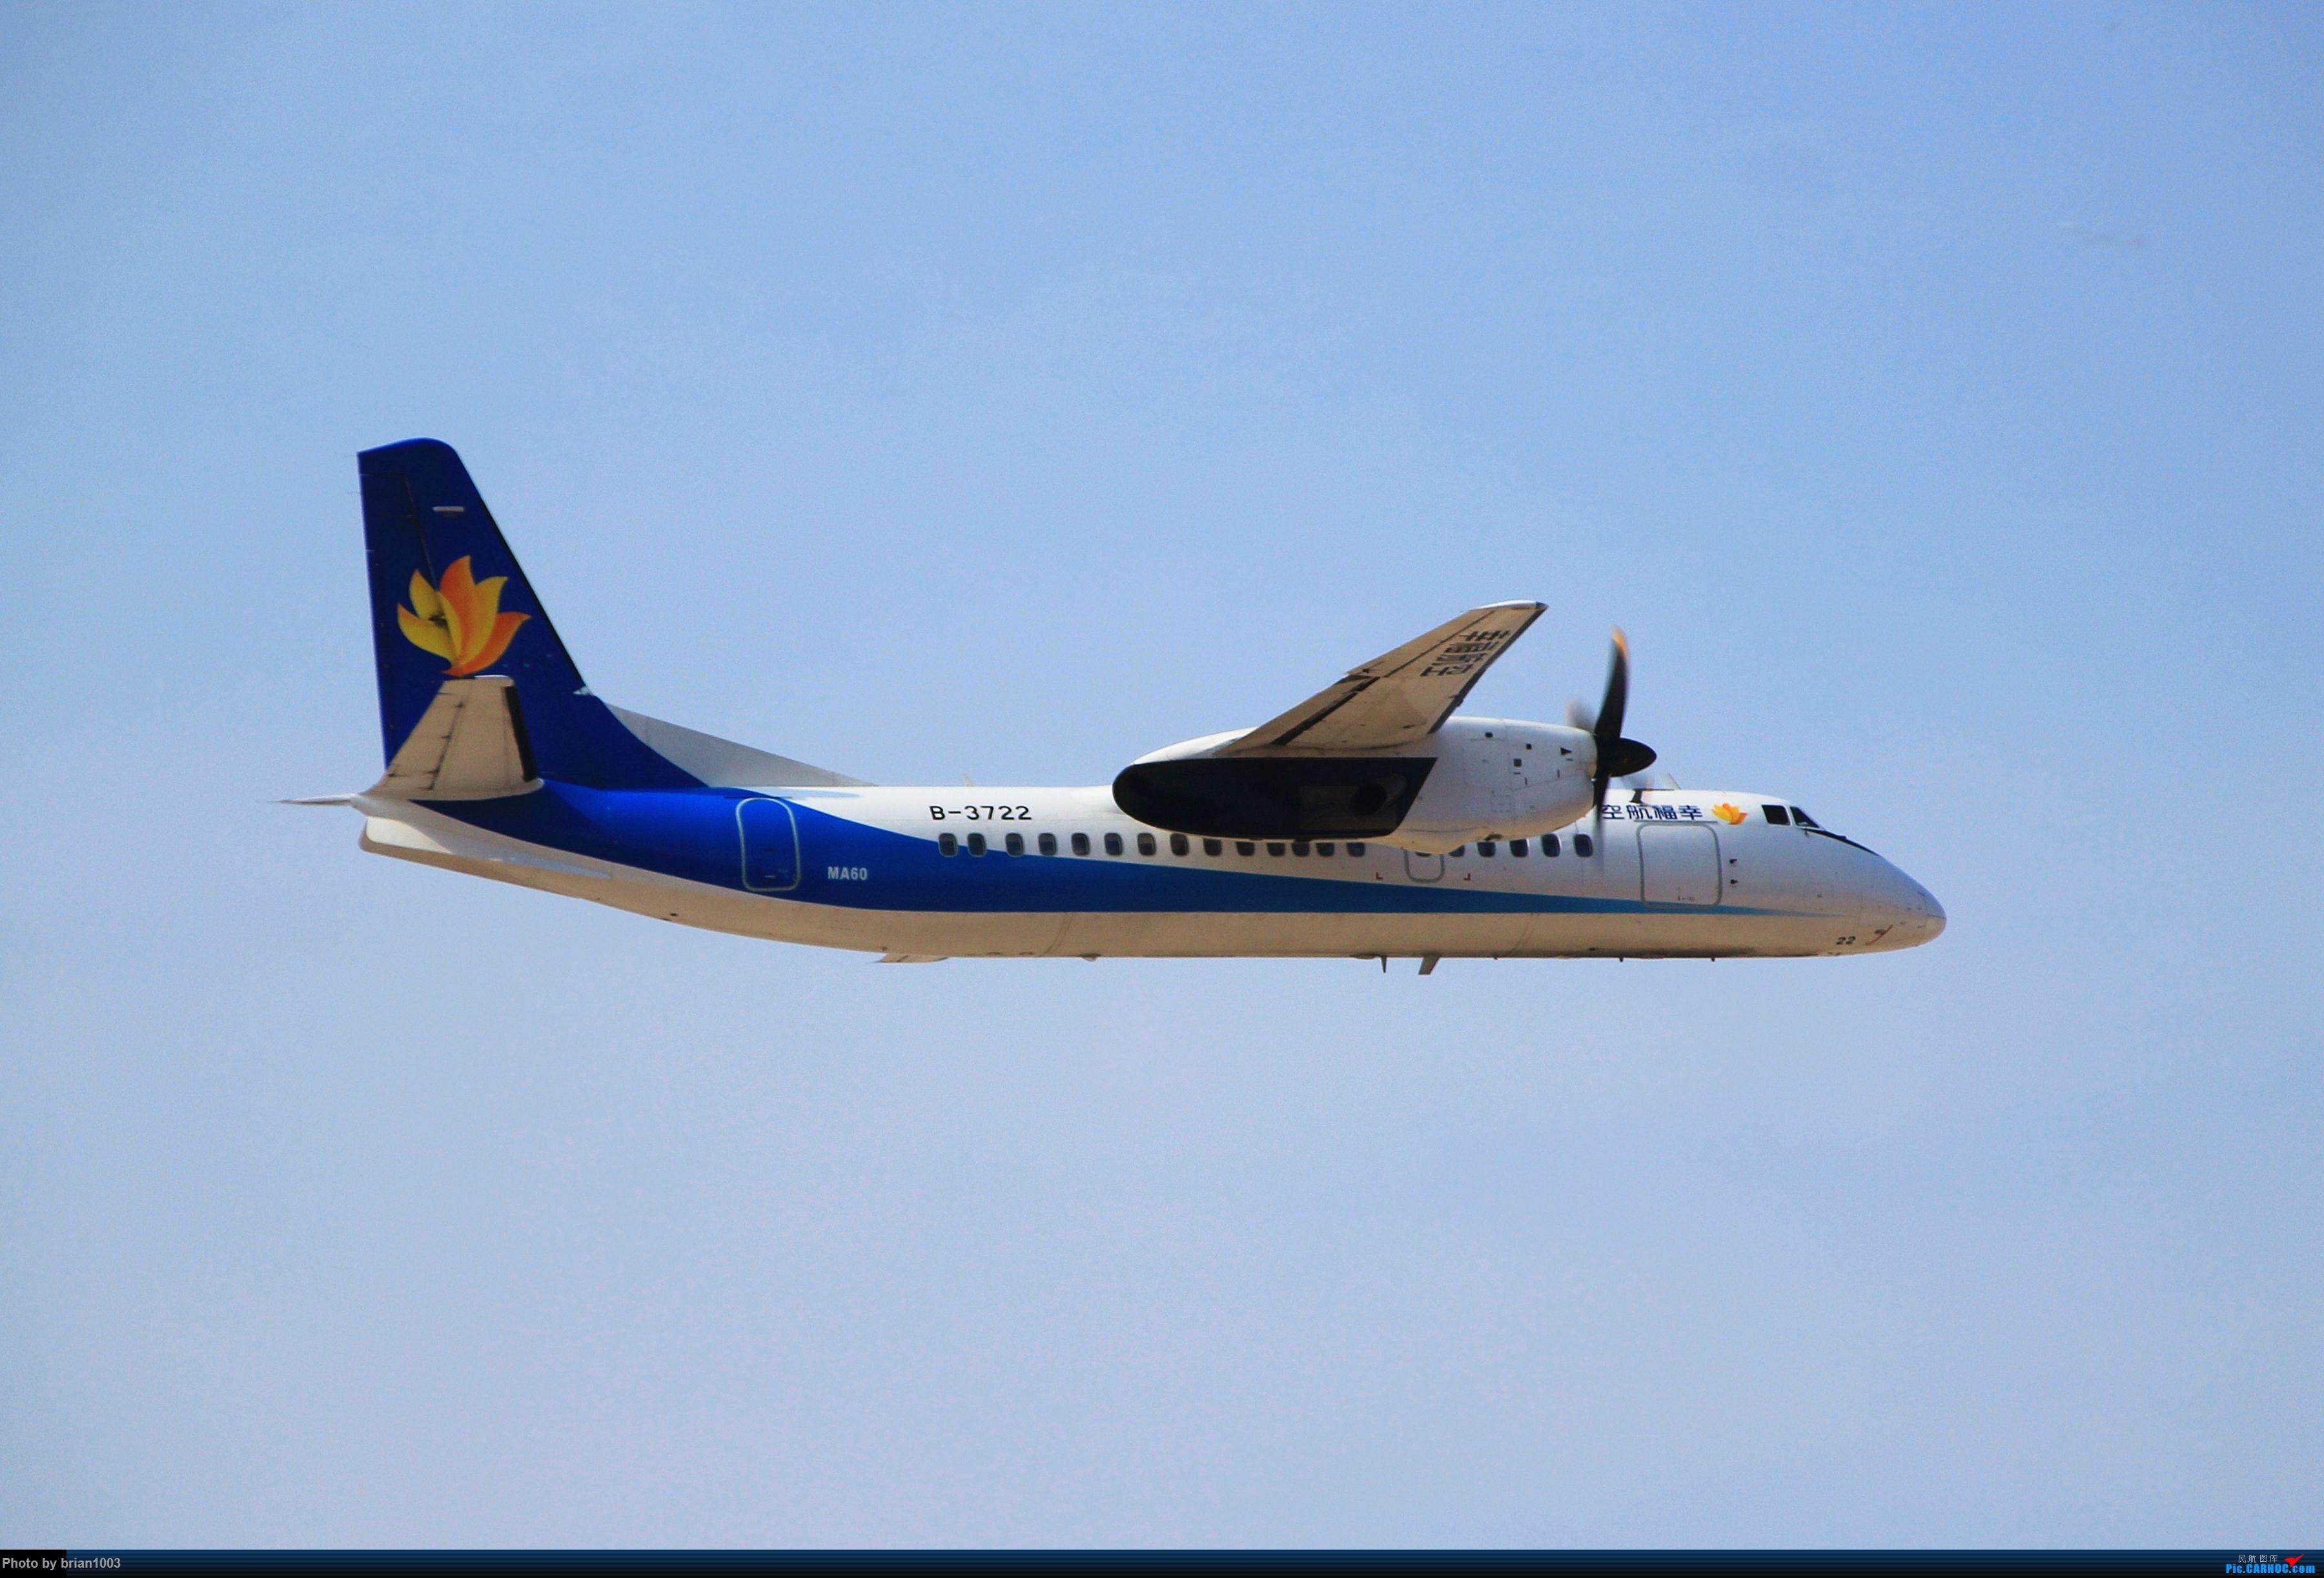 Re:[原创]WUH武汉天河机场拍机之精彩满满的十月(还可能更新) XIAN AIRCRAFT MA 60 B-3722 中国武汉天河国际机场